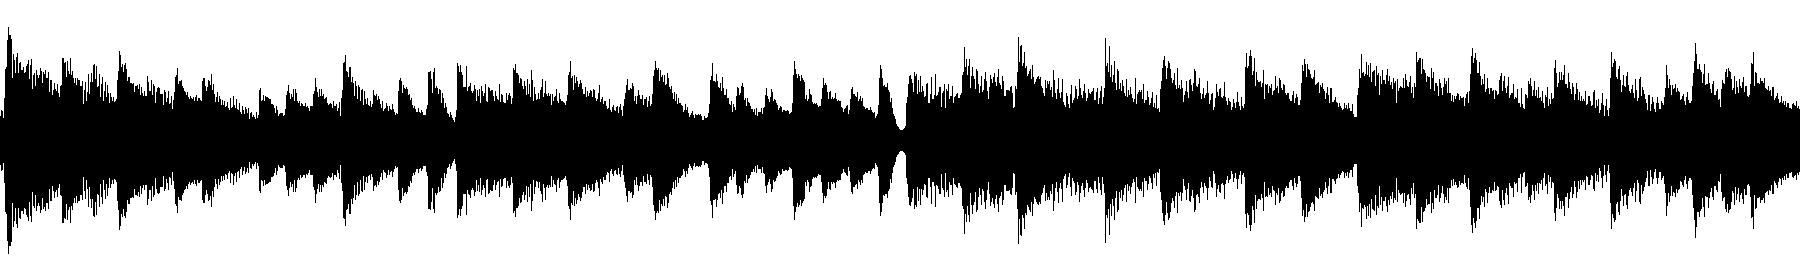 88 a piano smashit 02